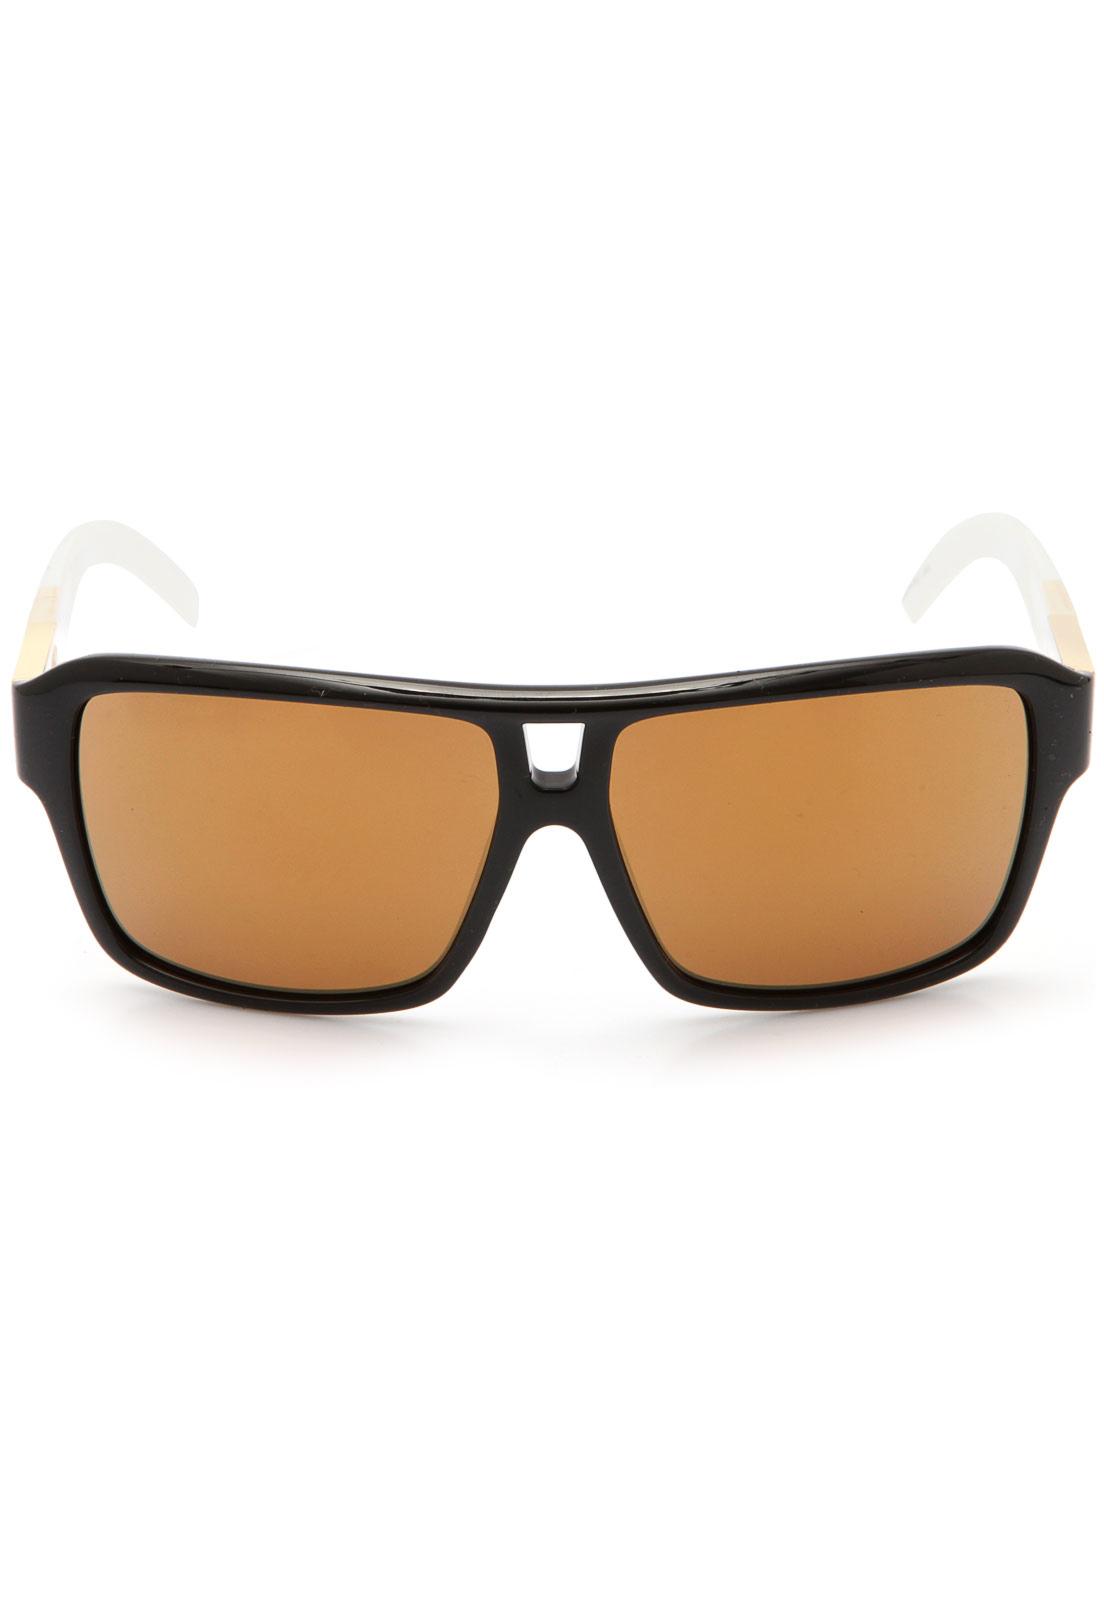 82deac84b4152 Óculos de Sol Dragon The Jam Jet Branco Preto